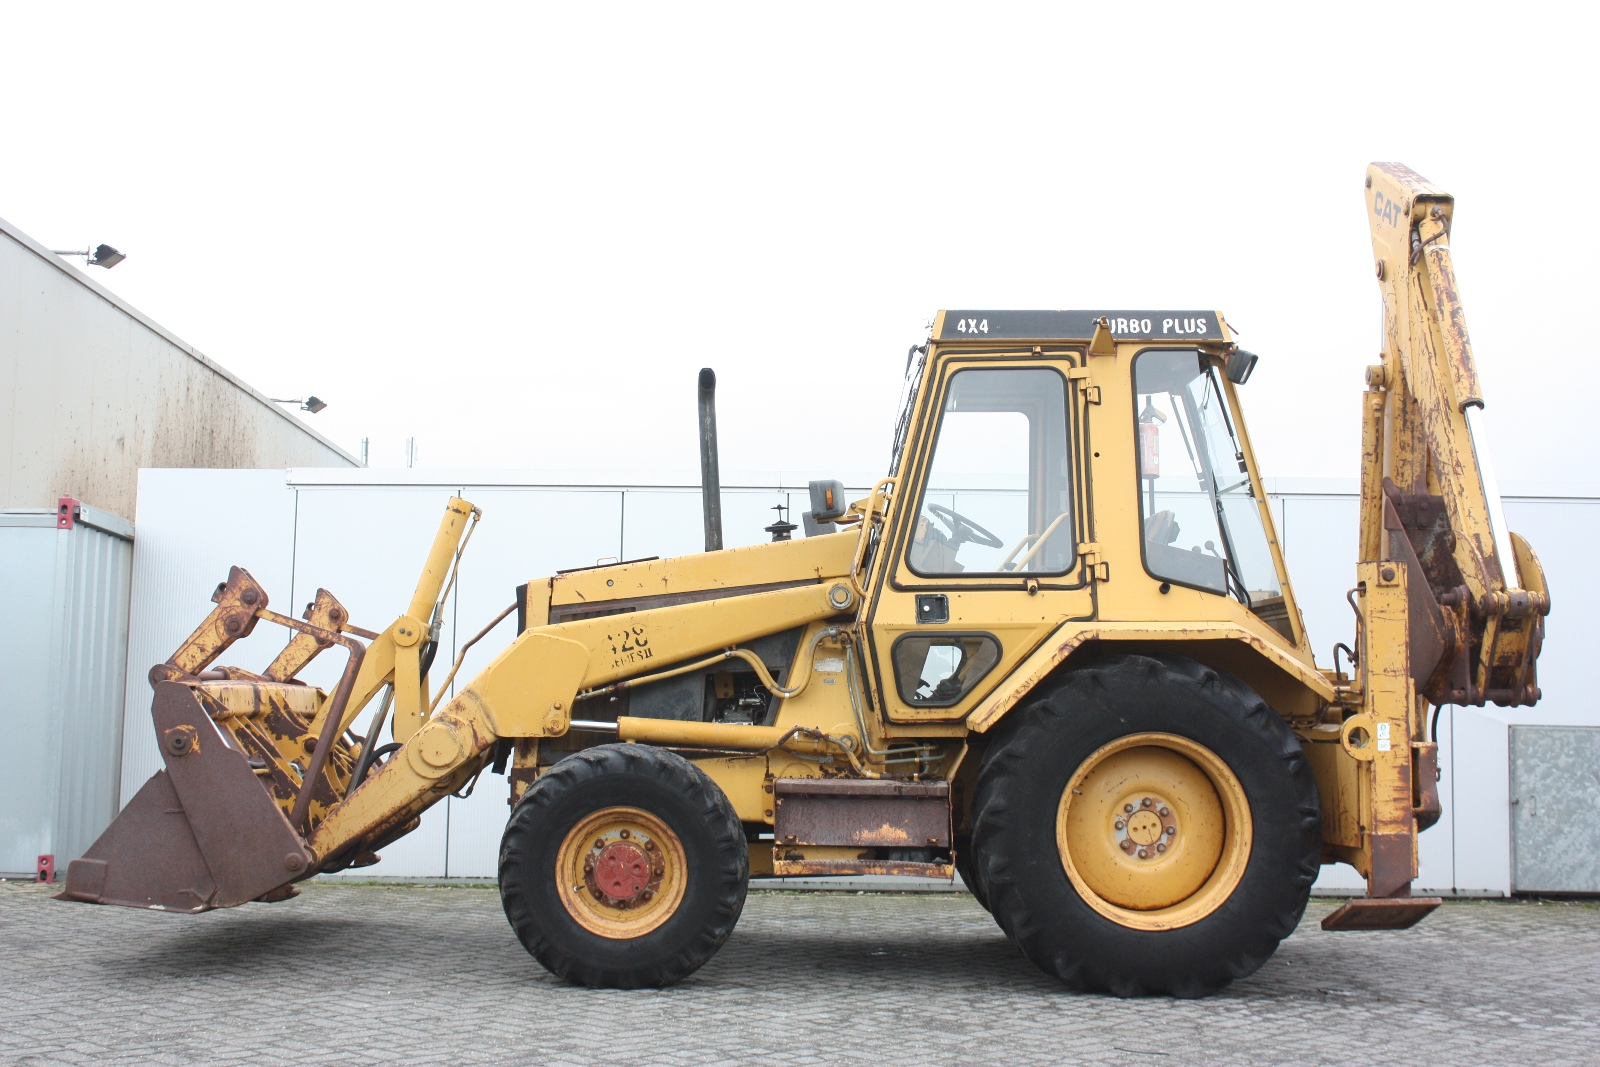 CATERPILLAR 428-II 1989 Loader Backhoe 4 Van Dijk Heavy Equipment